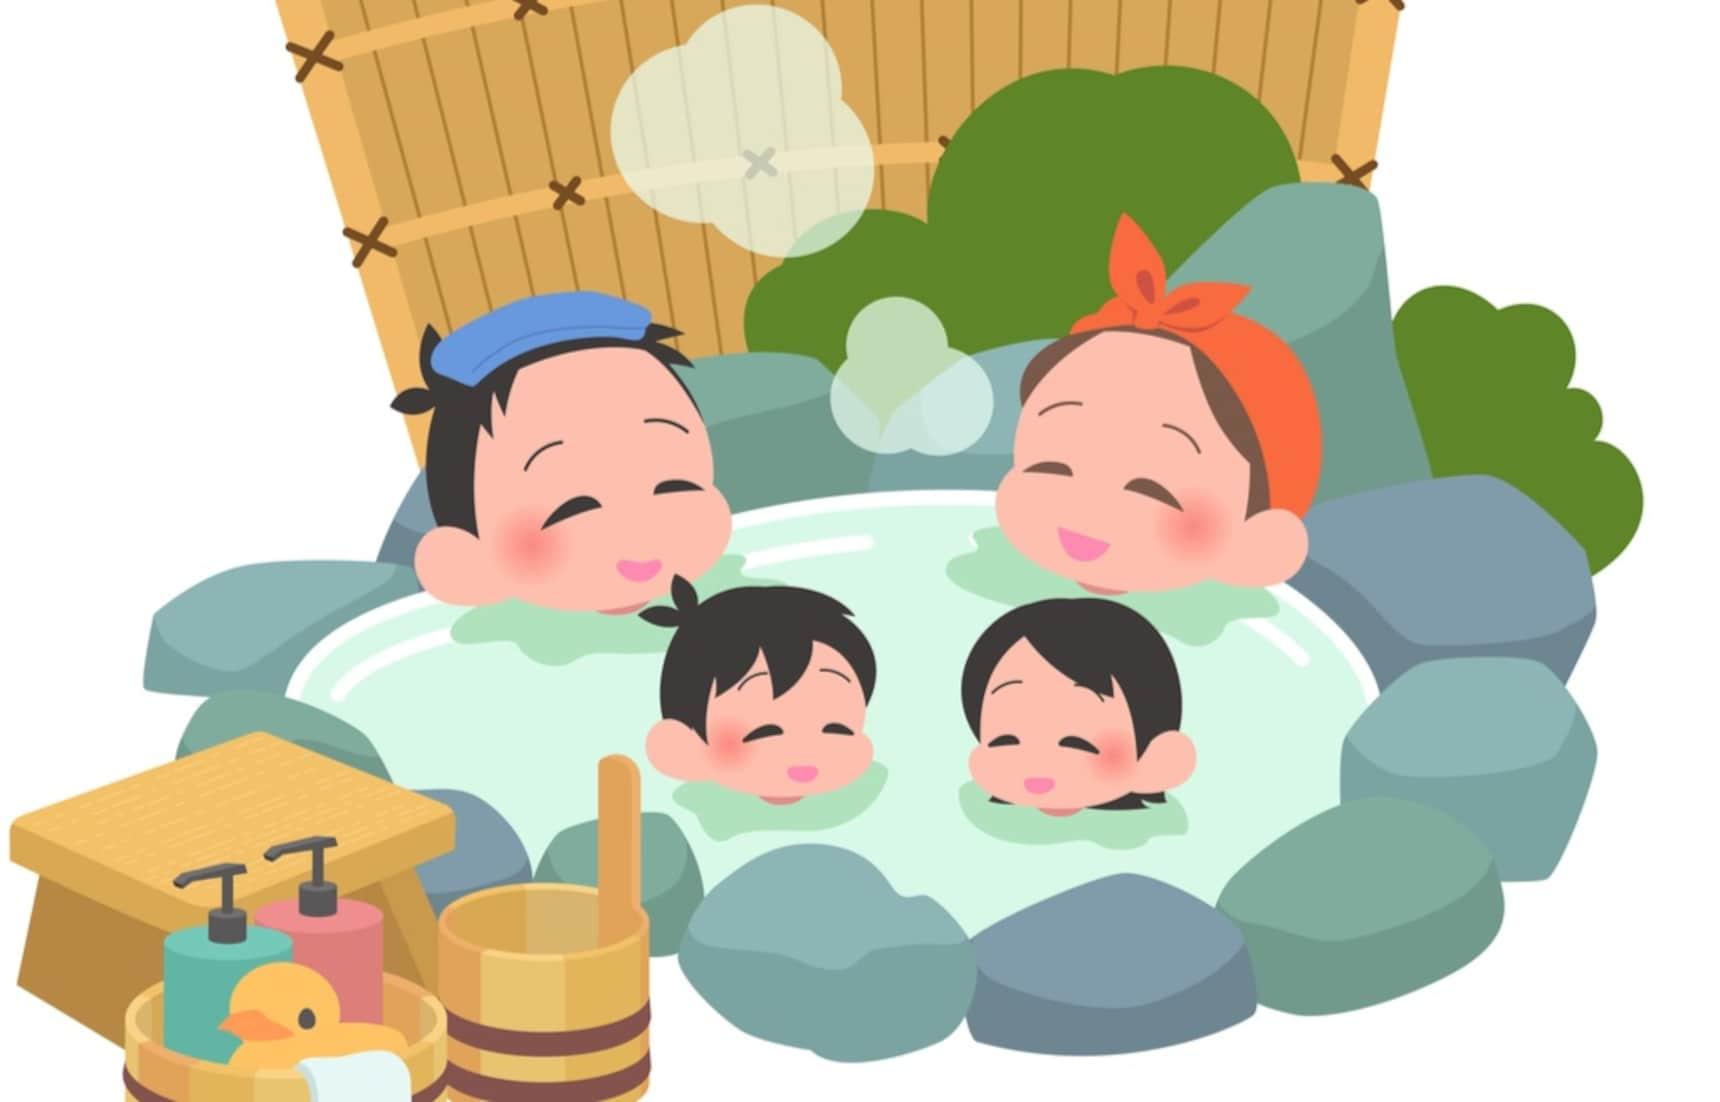 【旅日必知】寶寶可以跟爸媽一起泡溫泉嗎?歡迎小孩的住宿設施怎麼找?